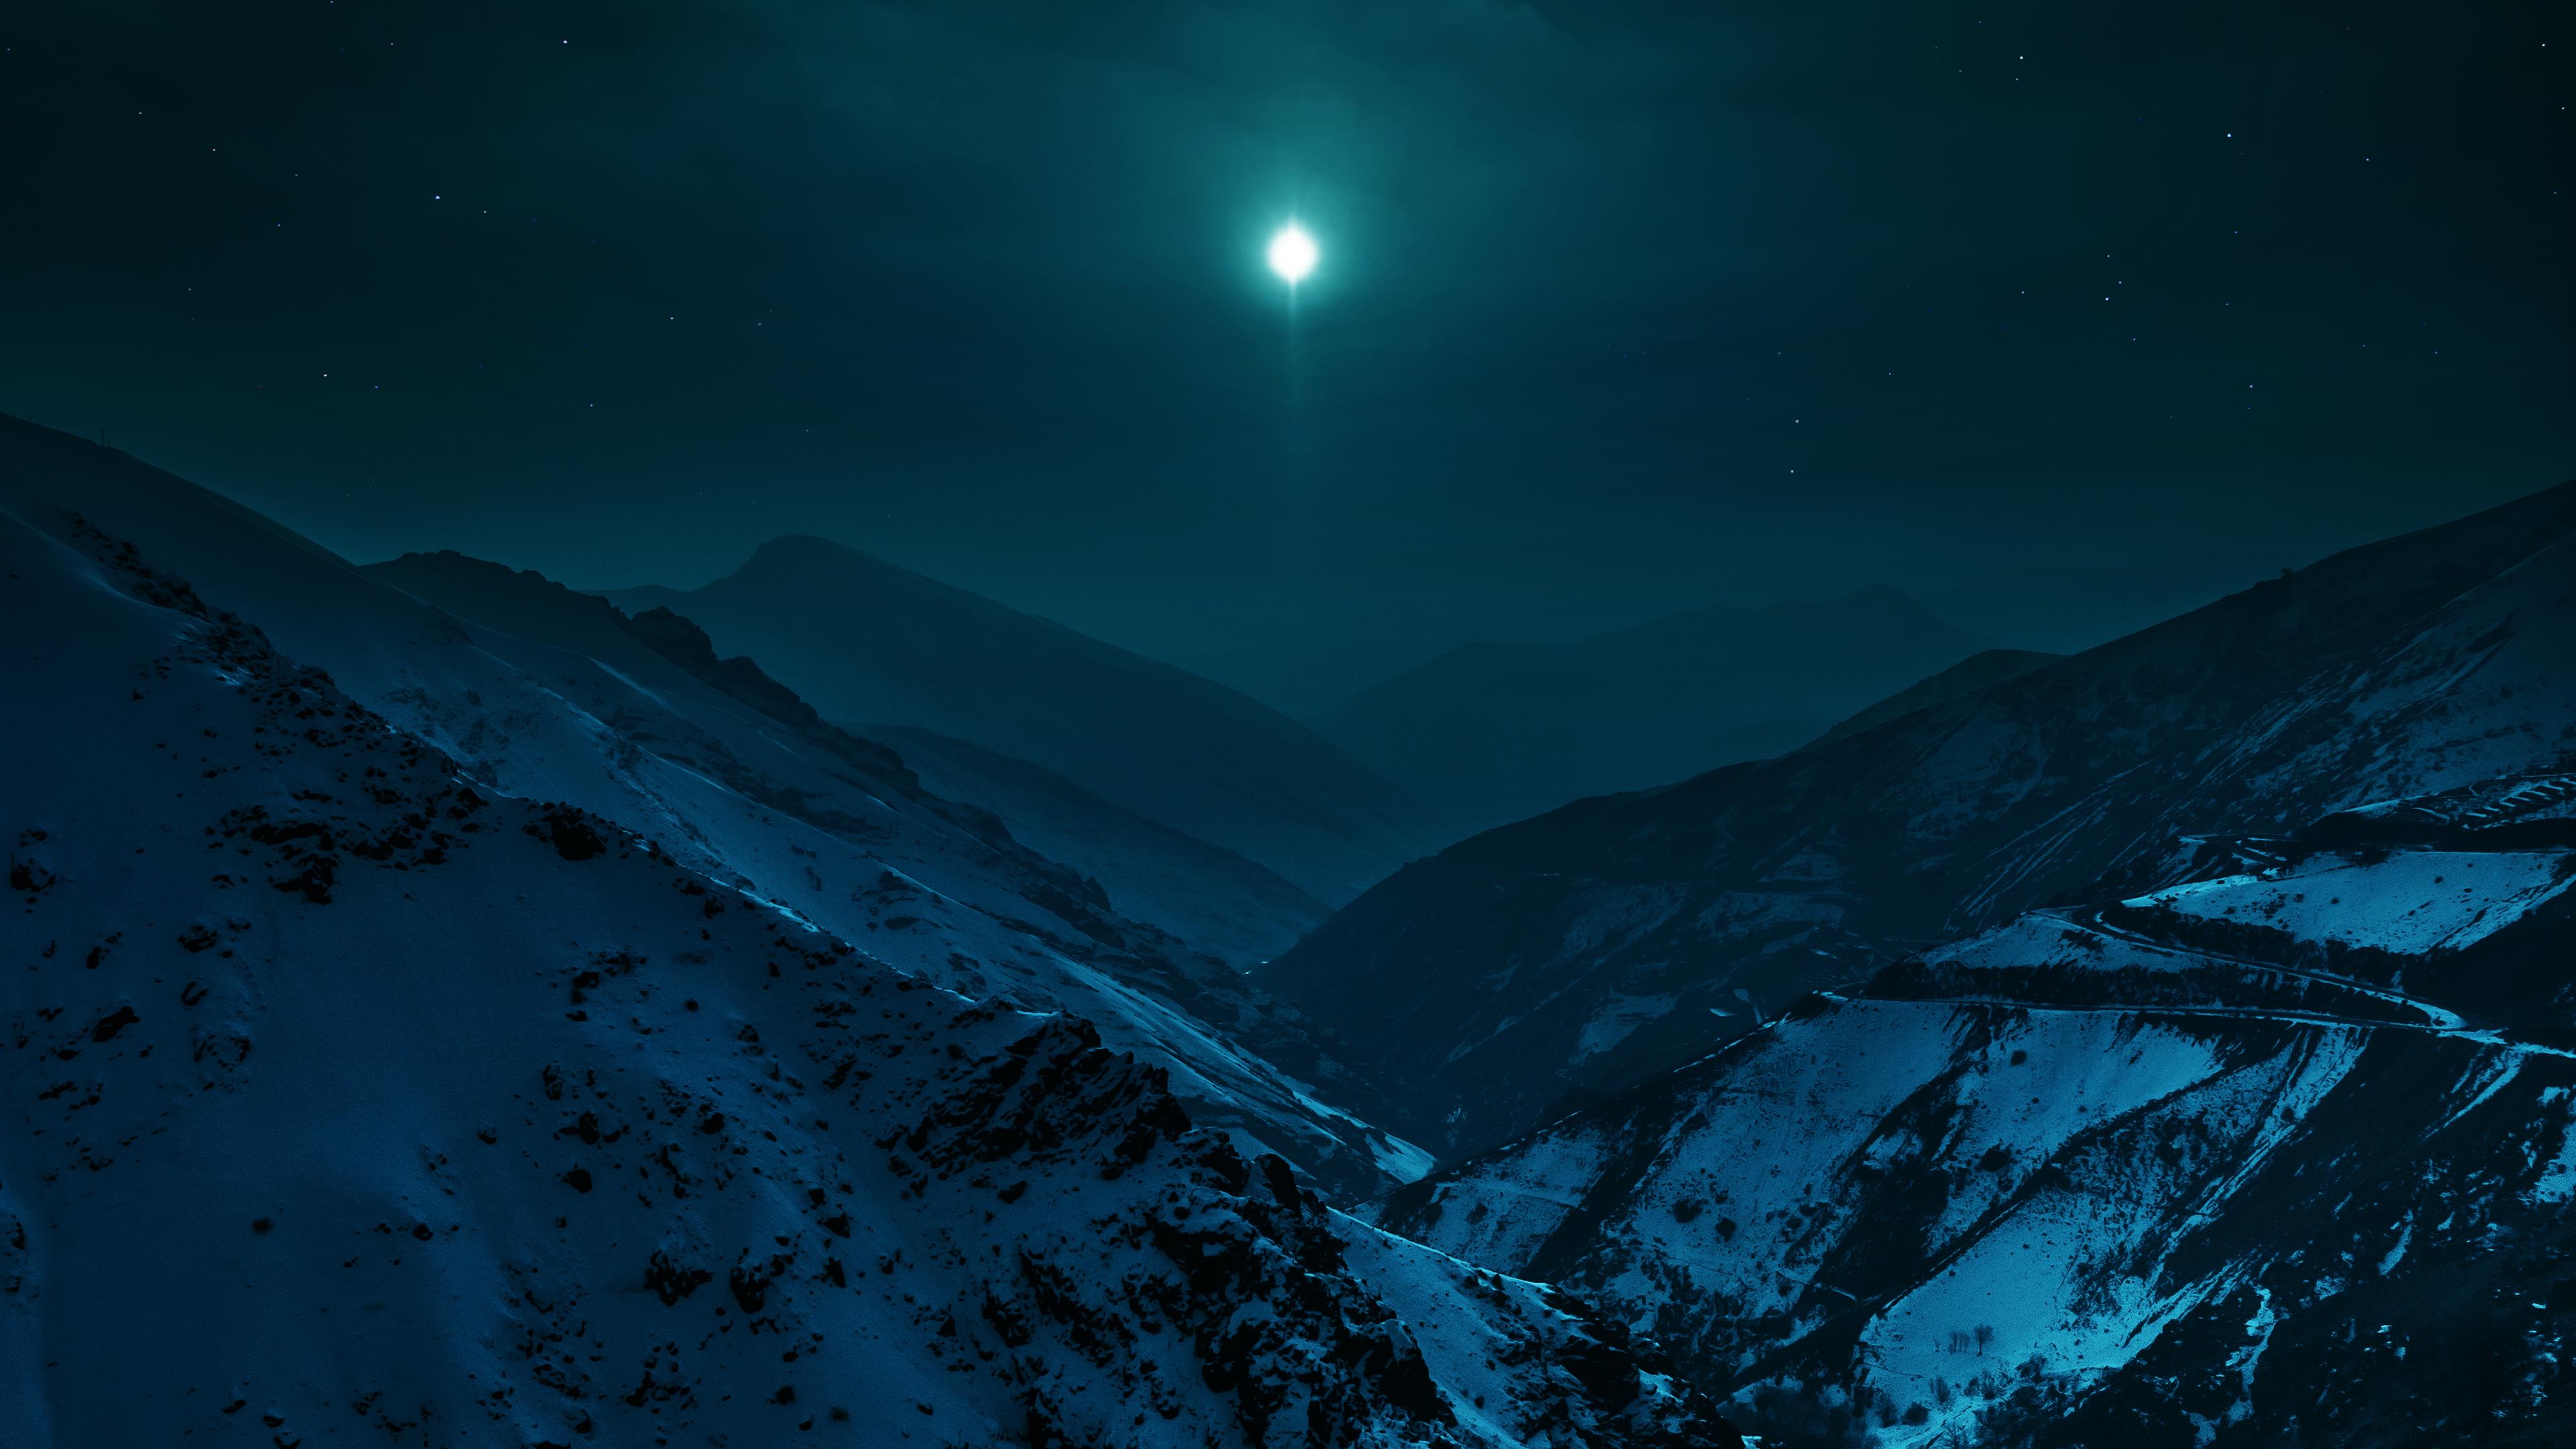 горы ночь звезда скачать